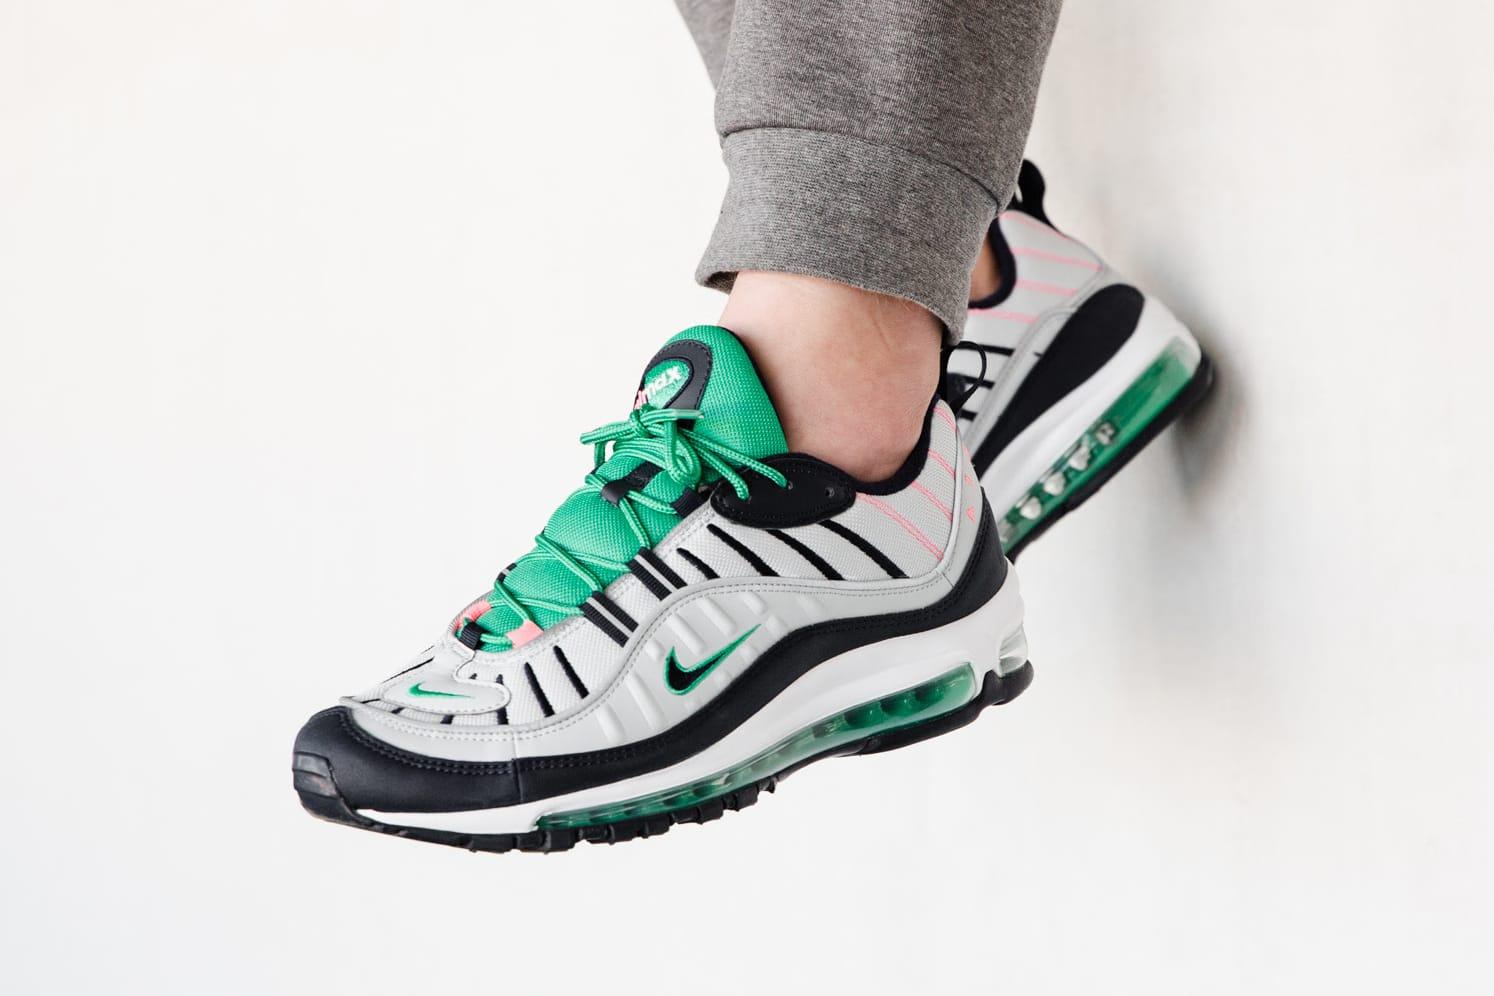 Nike Air Max 98 Spring 2018 Colorways